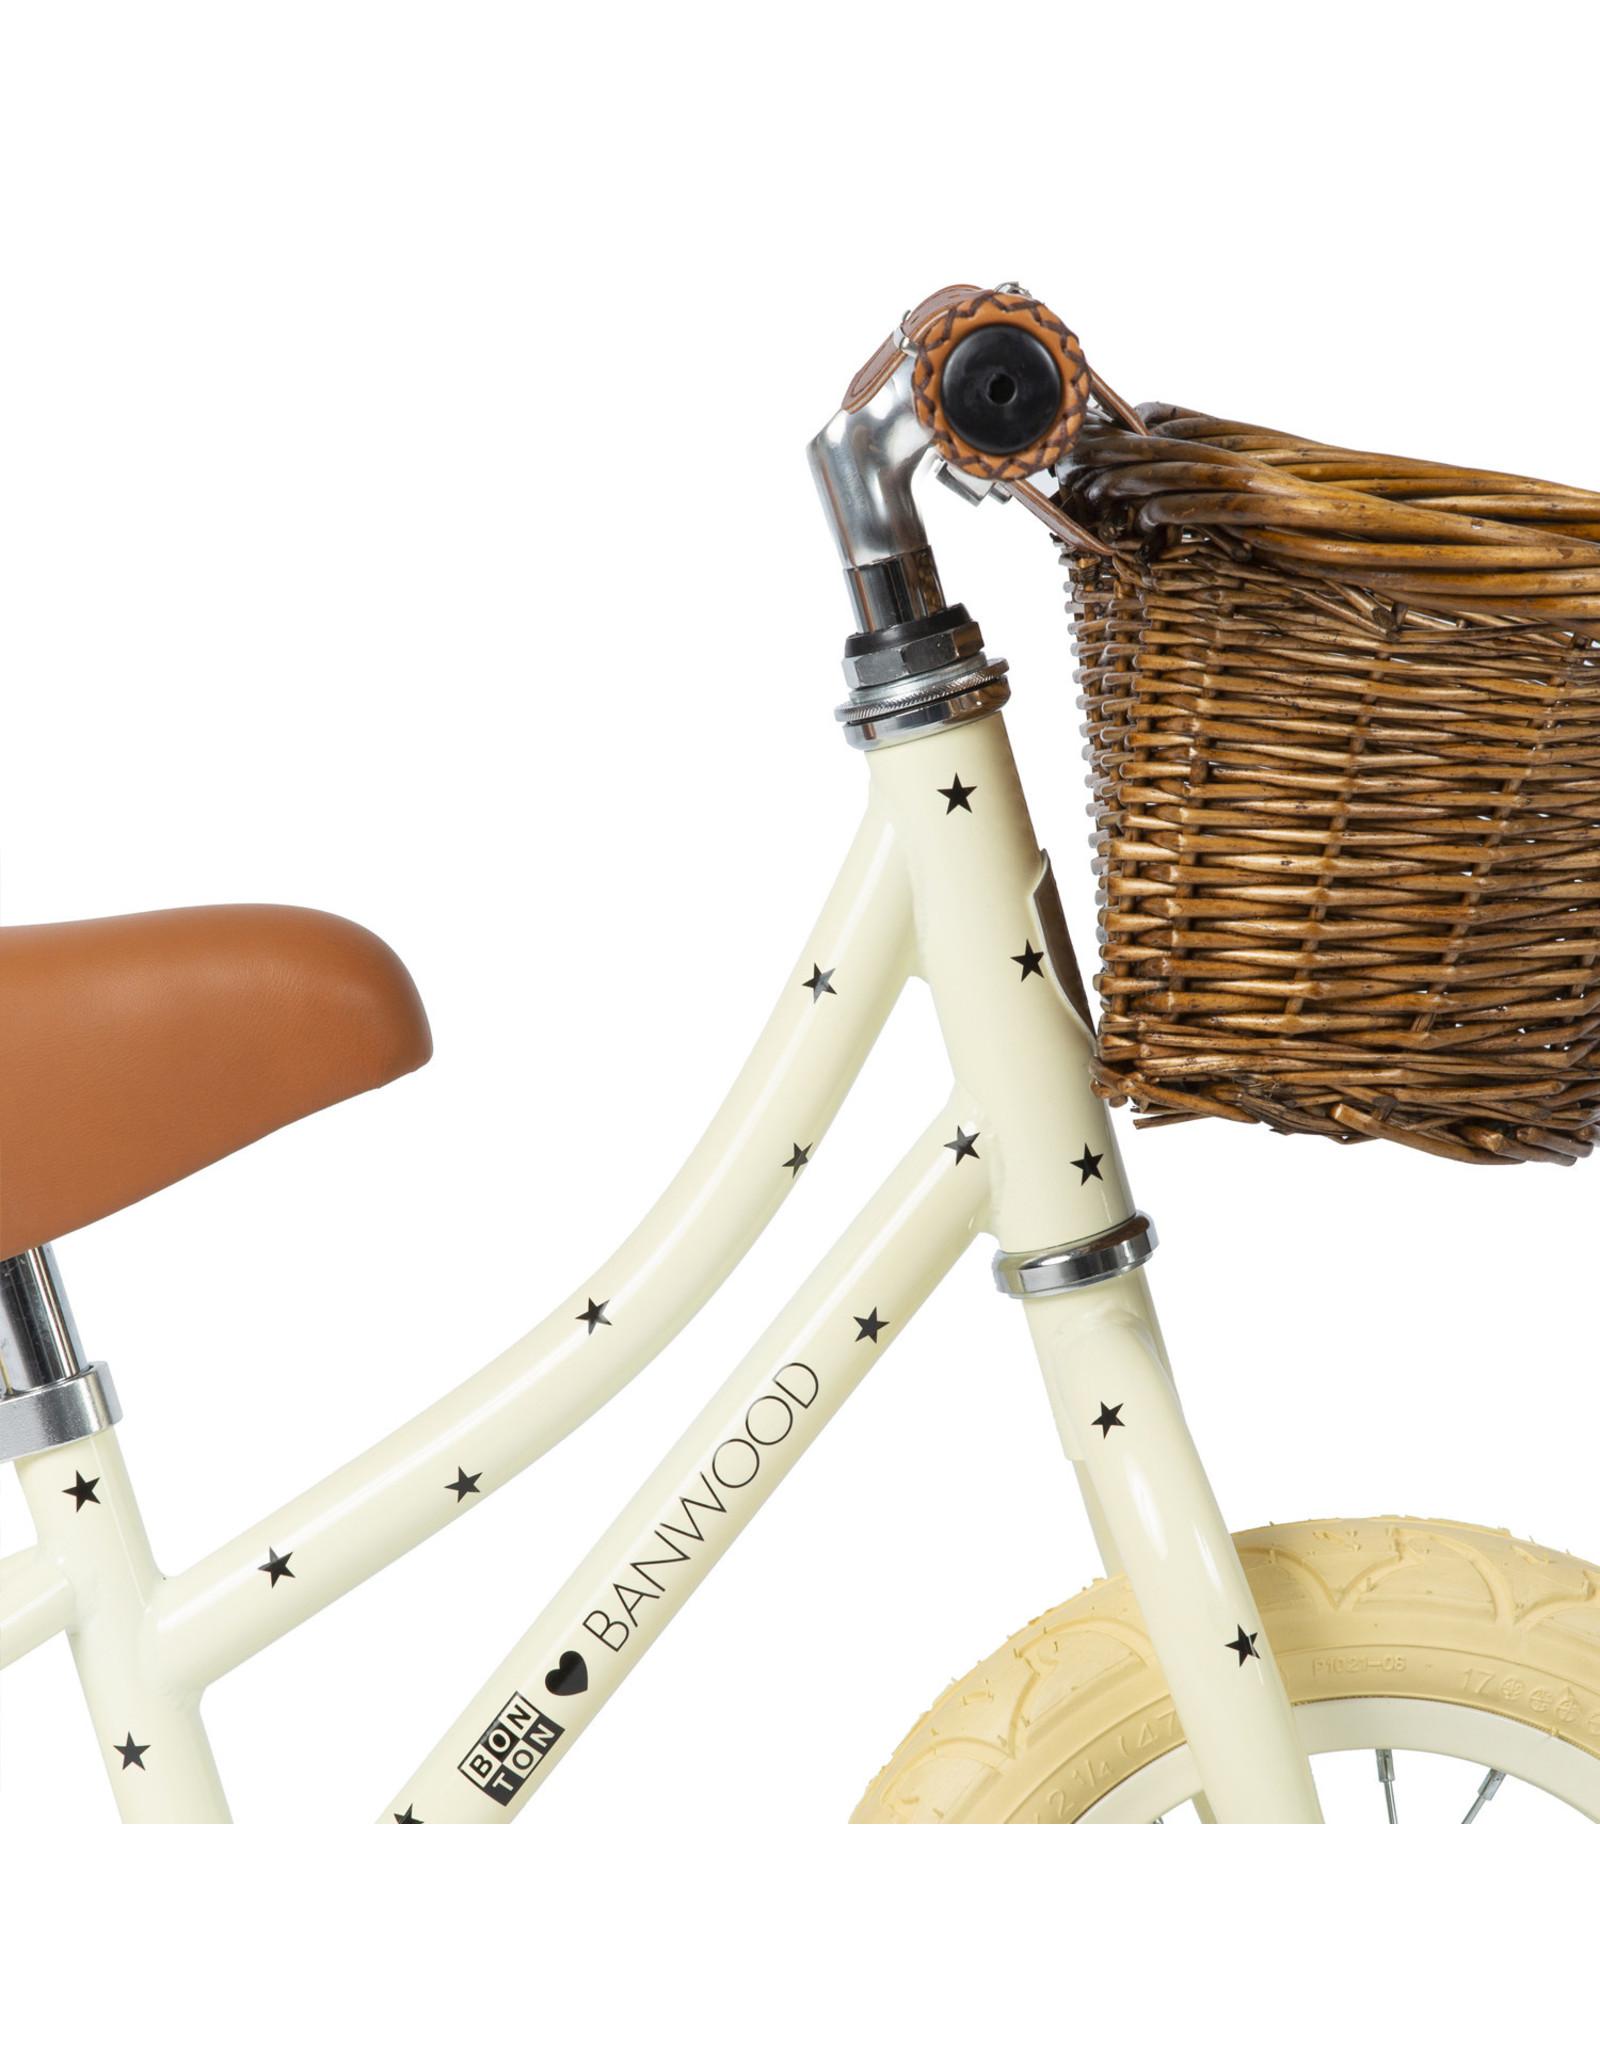 Banwood BANWOOD Cream Bonton Edition Balance Bike